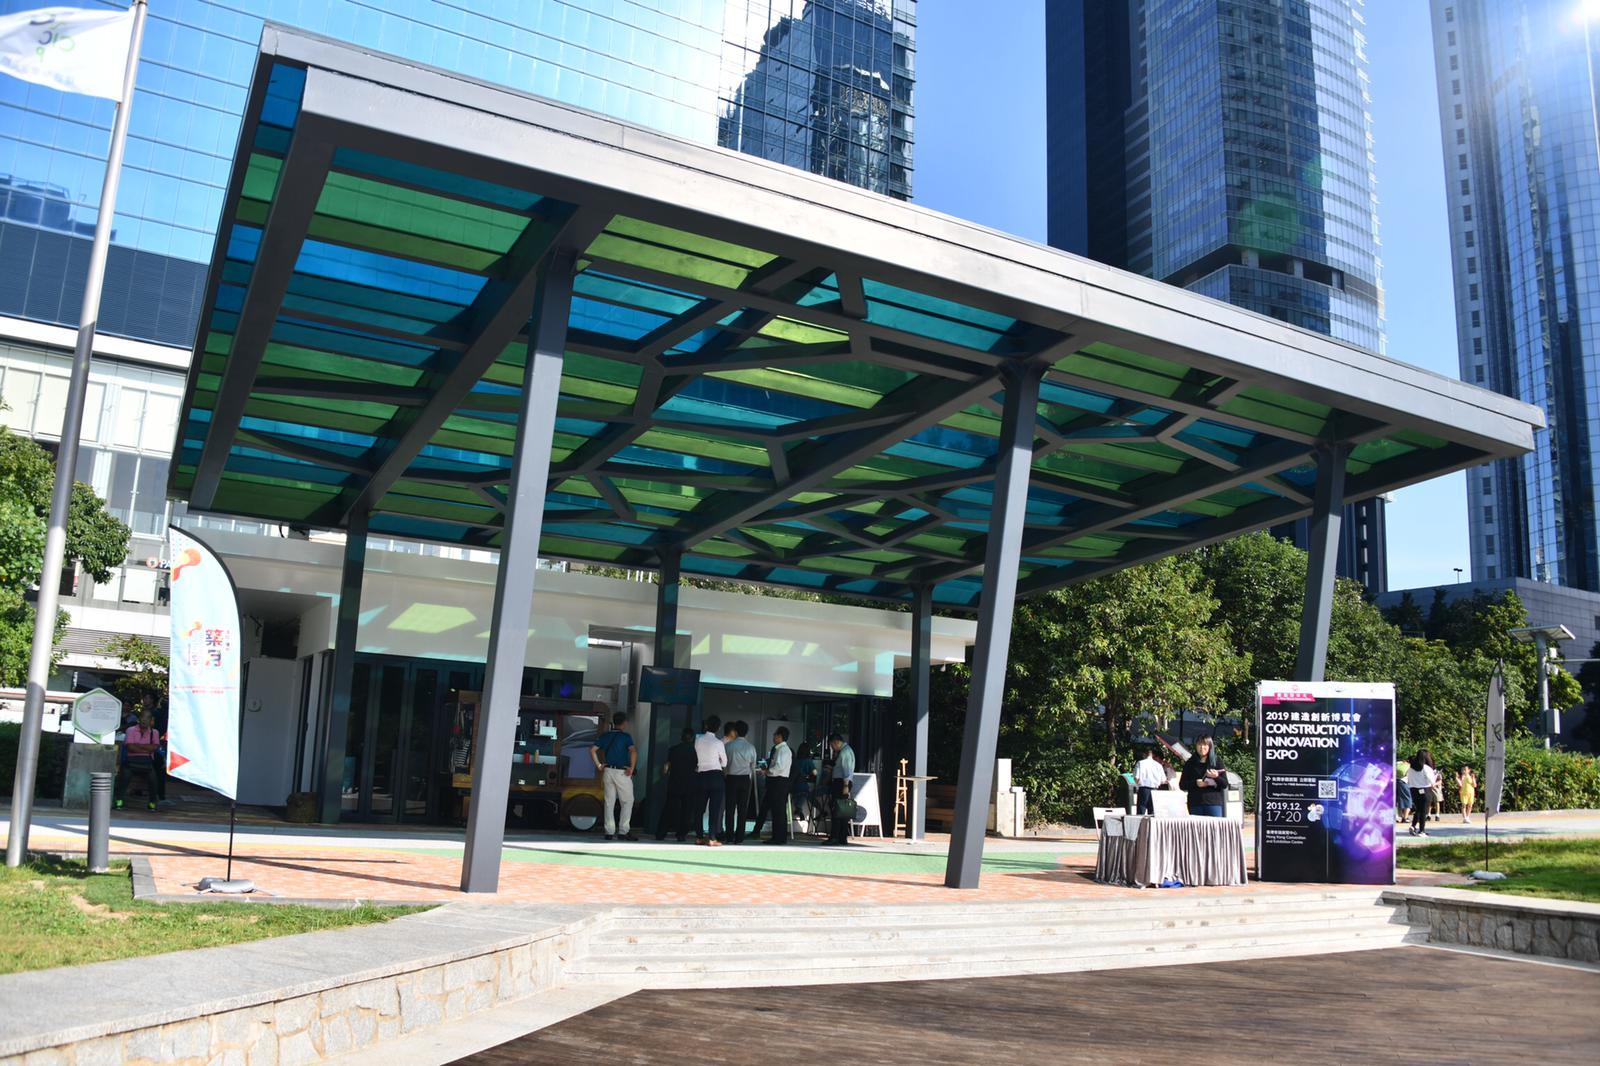 九龙湾「零碳天地」引入全港首个雨水制冷装置